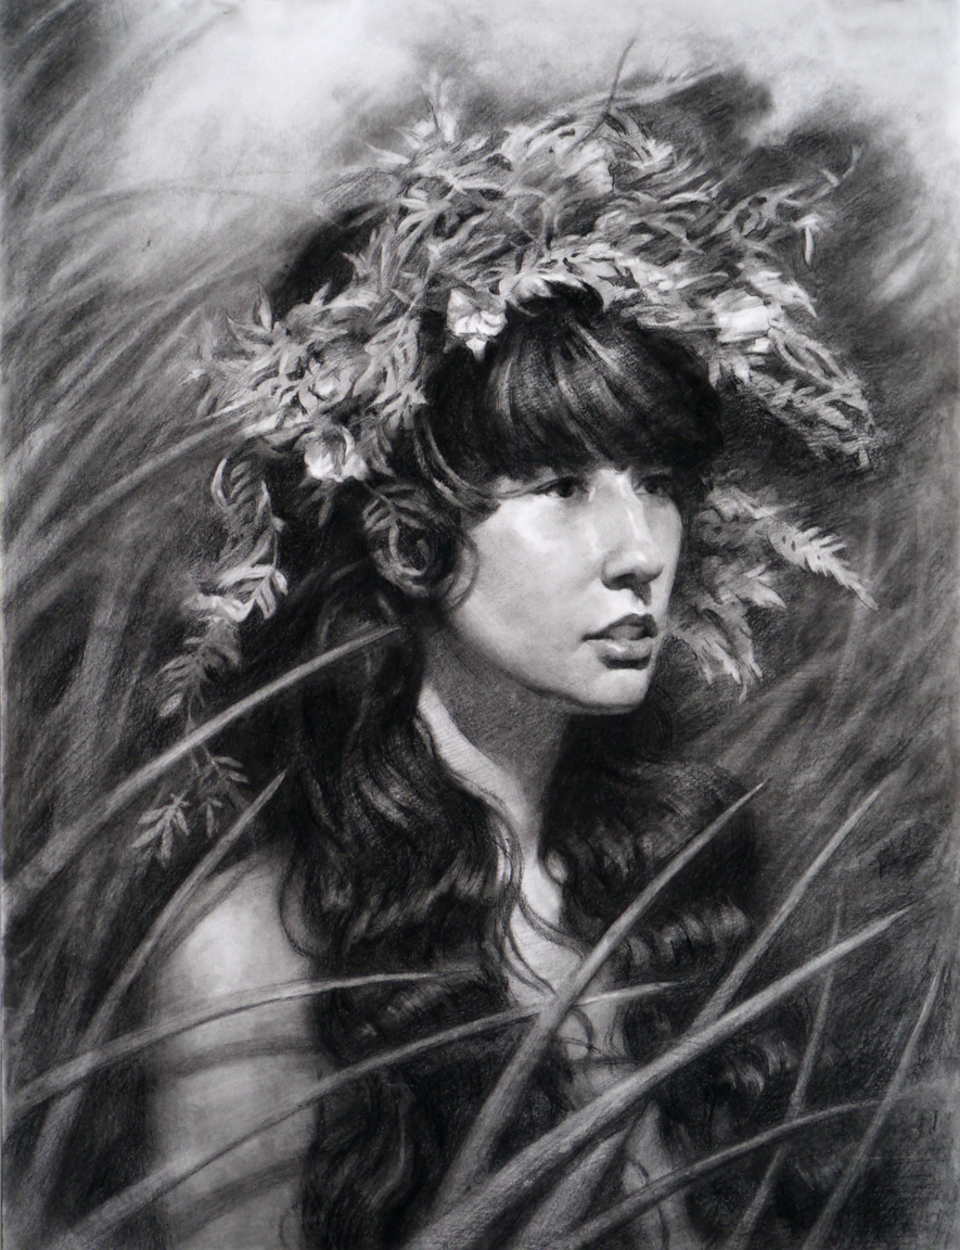 Forest Spirit Artwork by Matt Smith